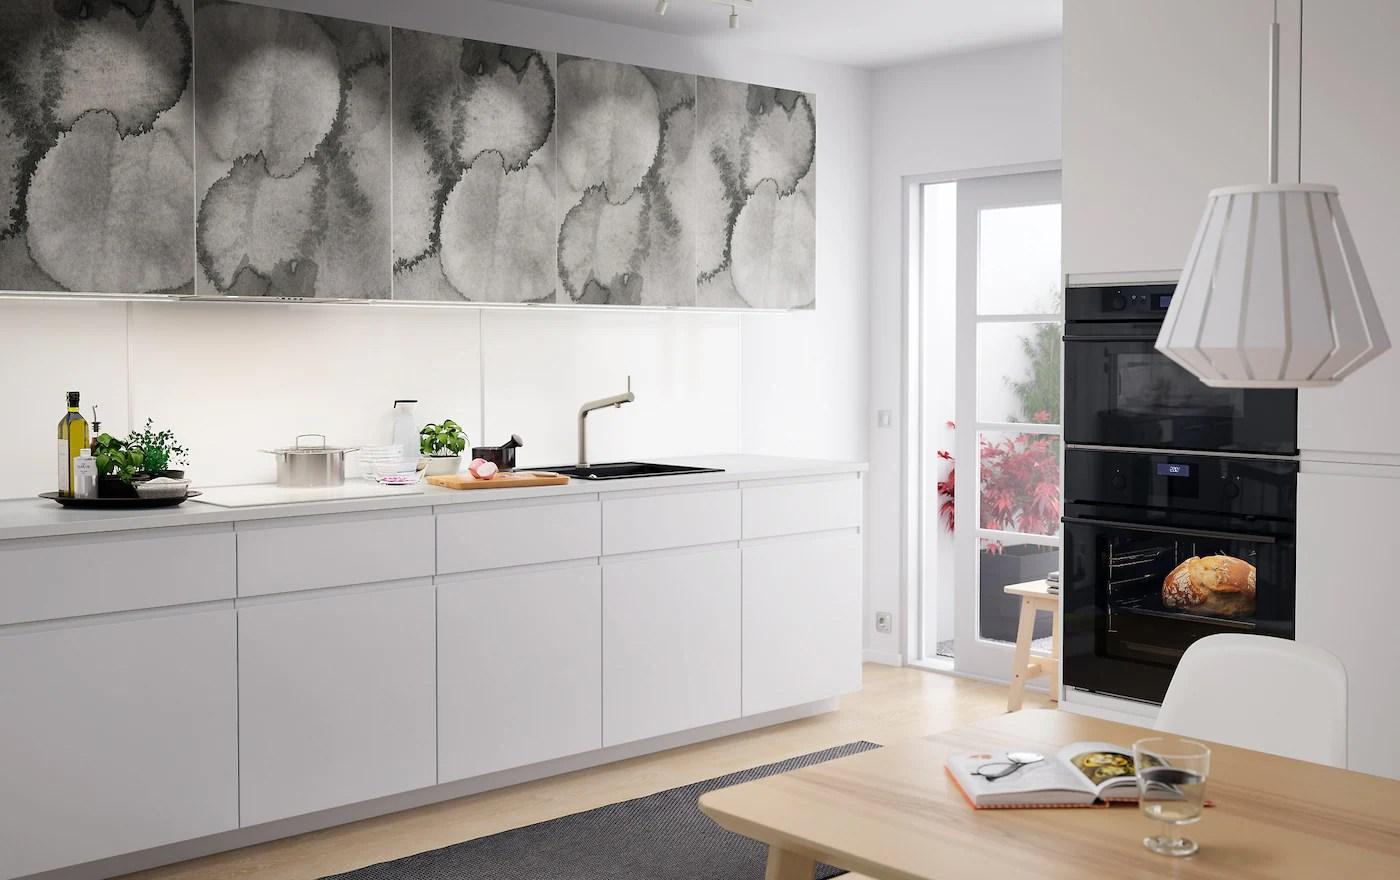 Cucina Con Motivi Grafici Deffetto Idee Cucina Ikea